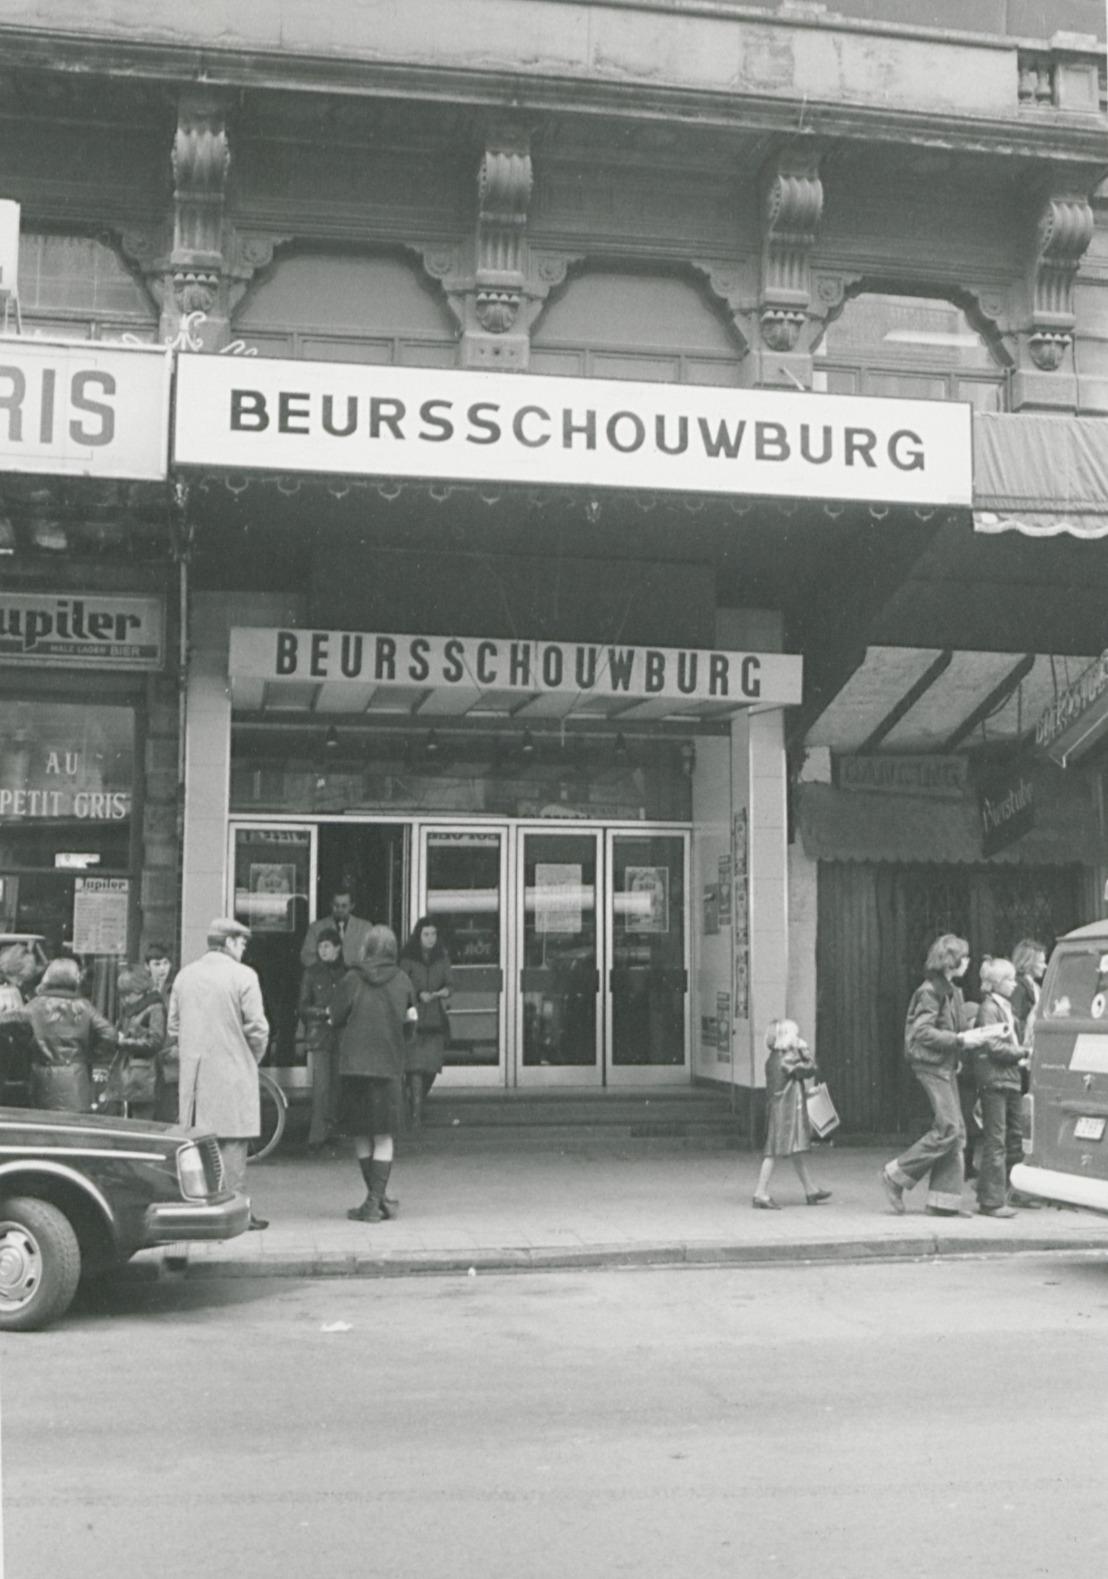 Beursschouwburg 50 in foto's